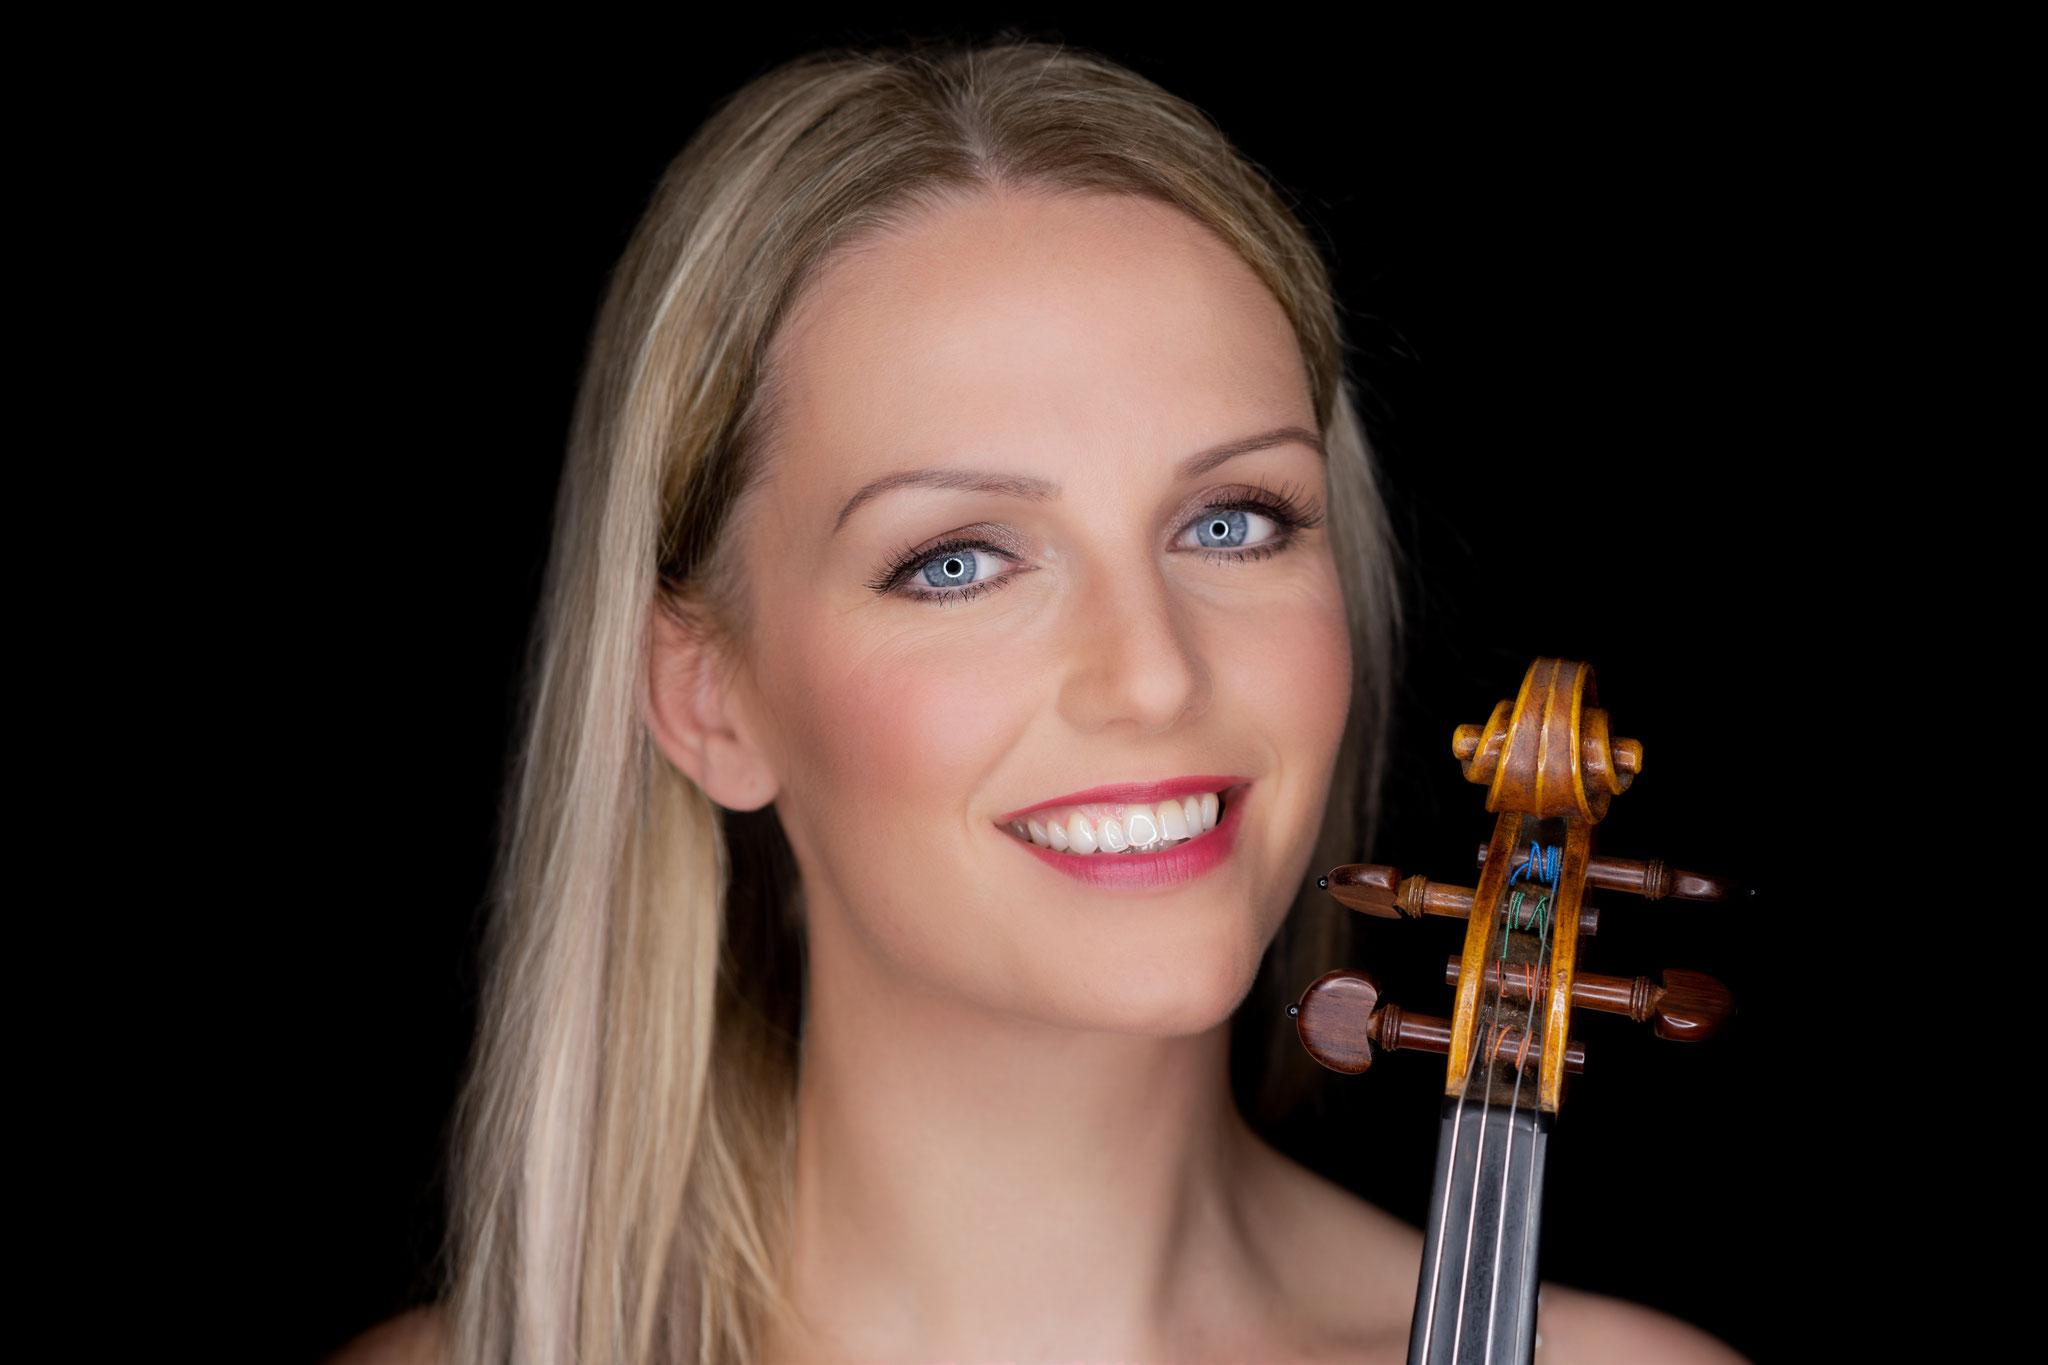 """""""Anja hat sich im Vorfeld und auch während der Veranstaltung sehr professionell und freundlich verhalten. Sie ging auf unsere Wünsche ein und auch unsere Gäste waren von Ihrem Auftritt und Können absolut begeistert. Jeder der eine famose Violinistin sucht - Eure Suche ist beendet."""""""